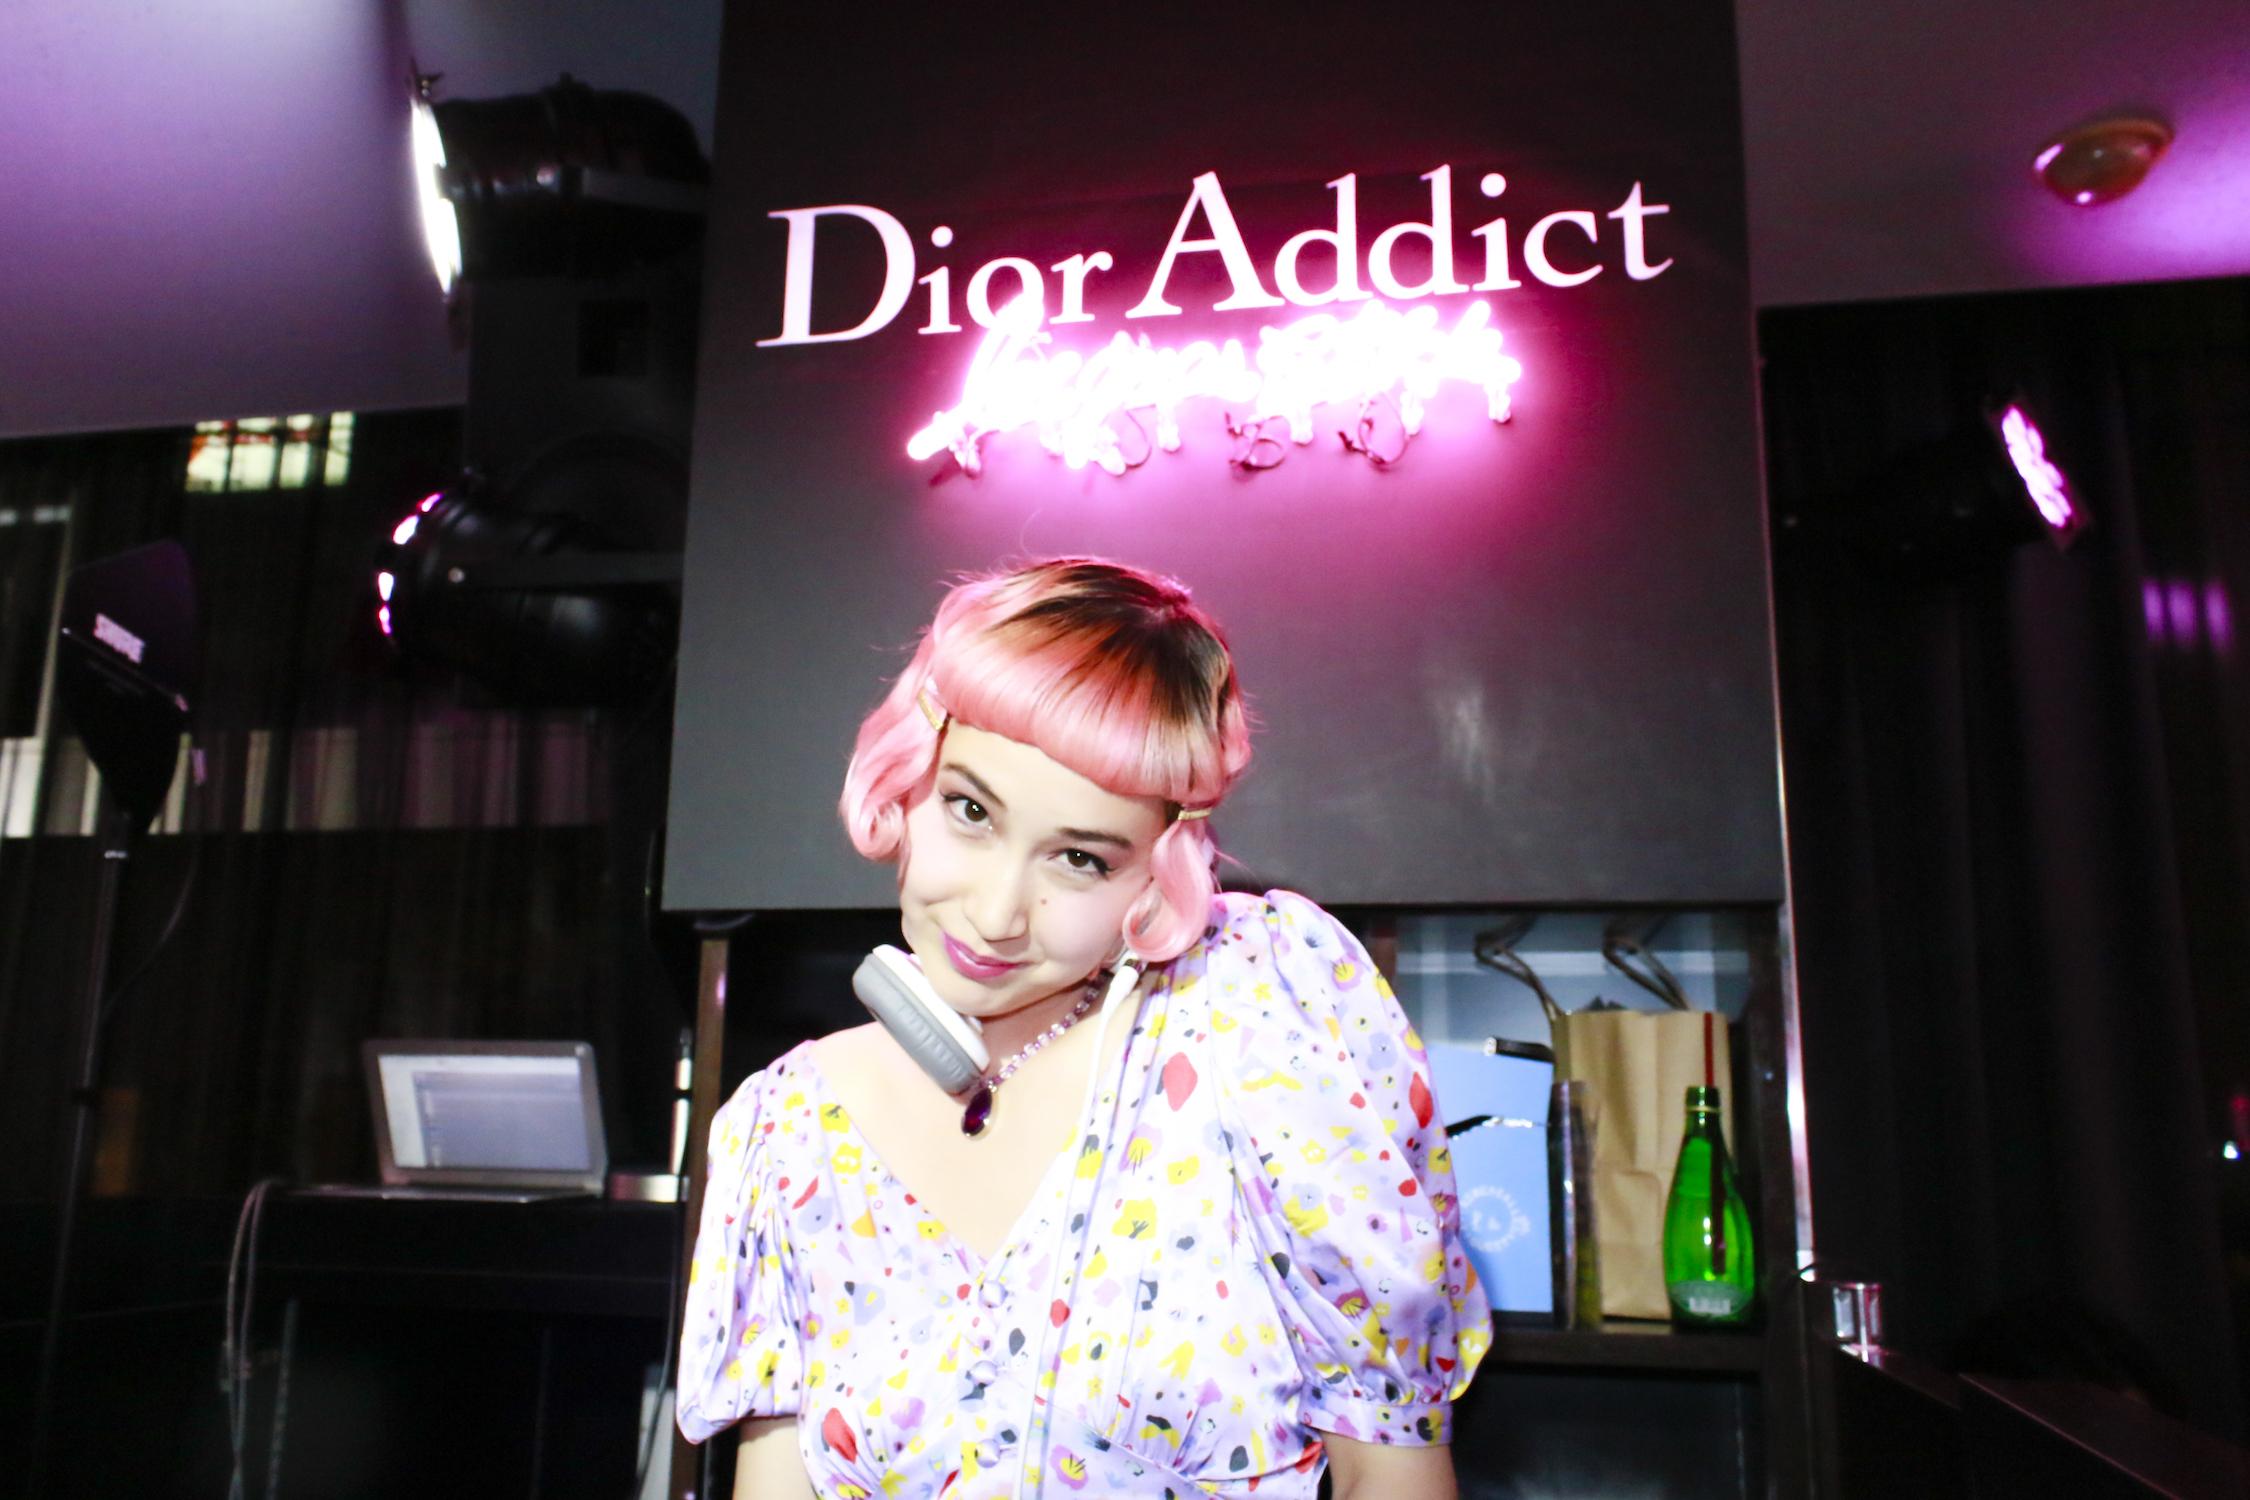 Dior Addict_170309_4